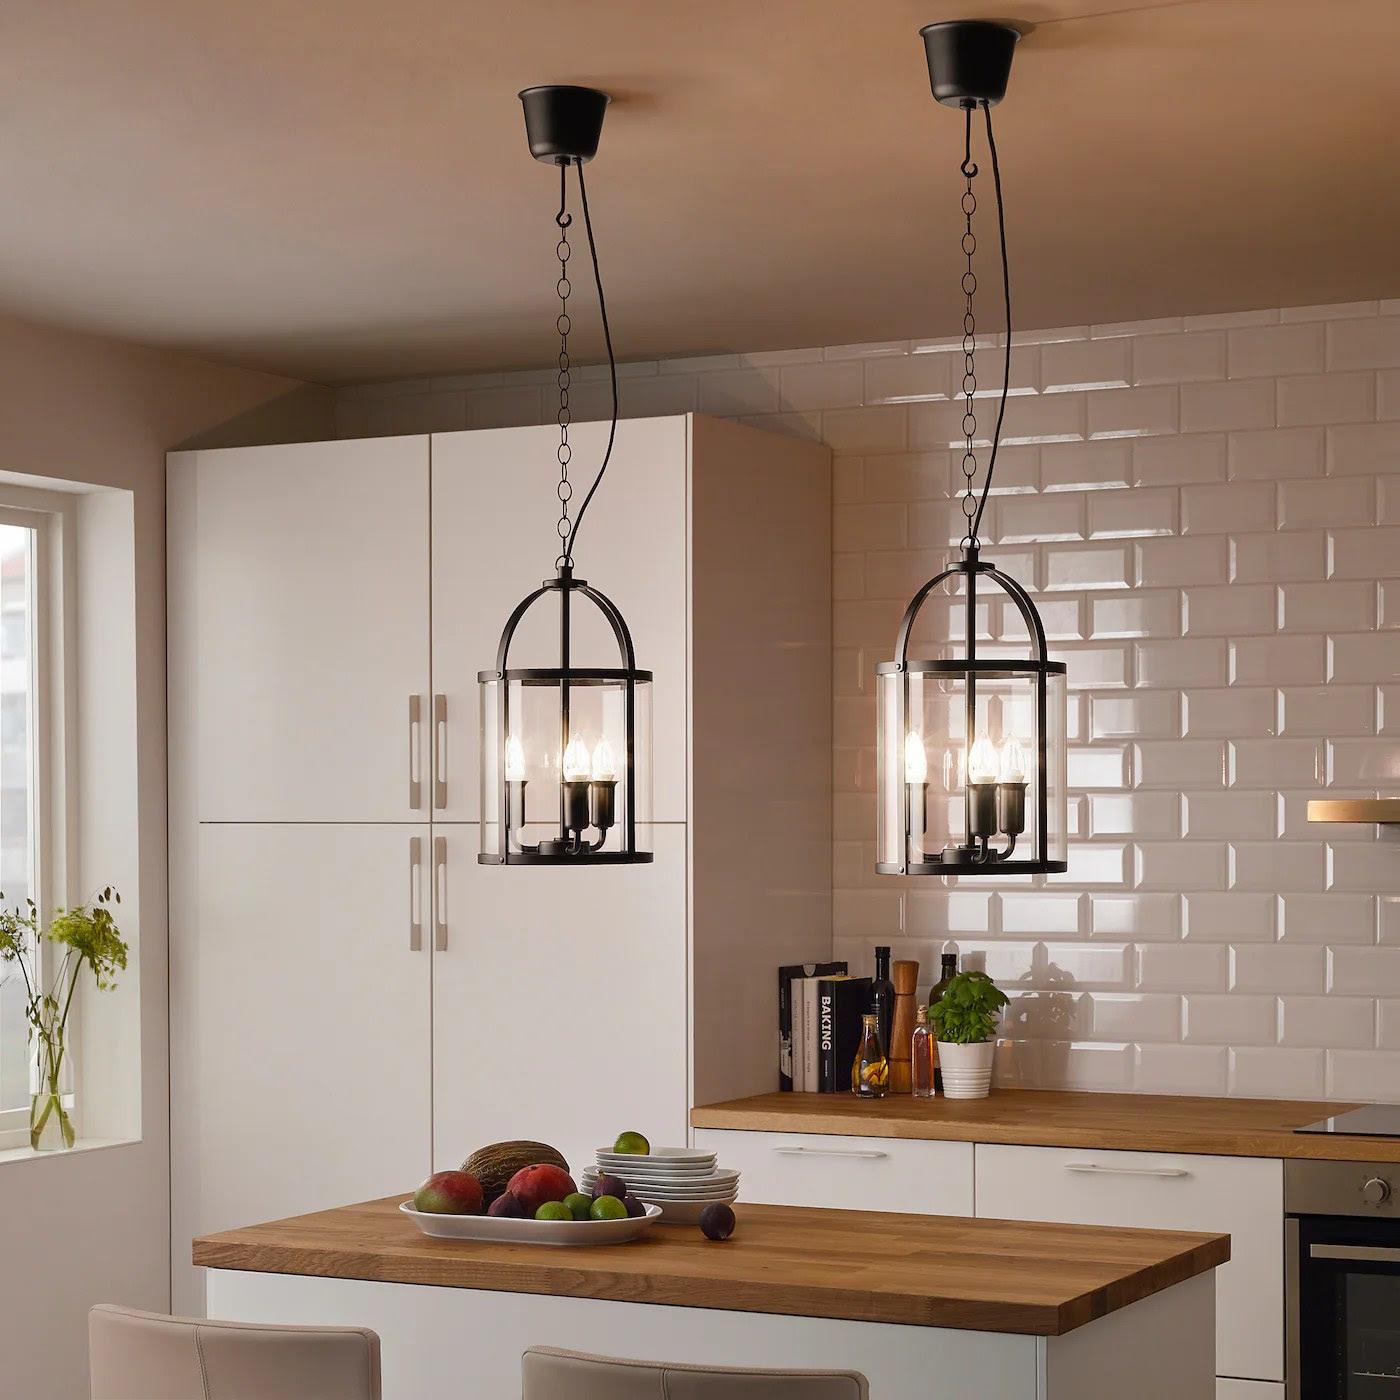 Schlafzimmer Lampe Diy | Zweig-lampe Selber Bauen Oder ...